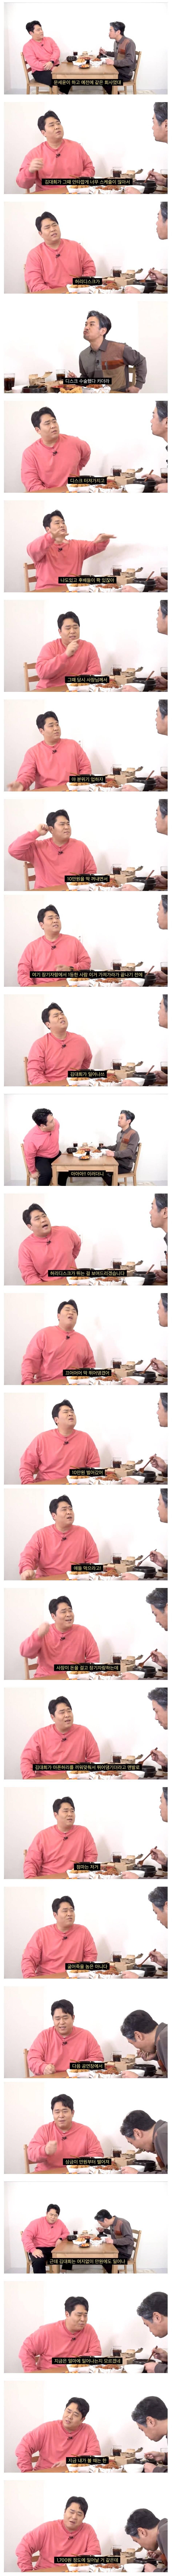 김대희에게 감탄 했다는 문세윤   인스티즈